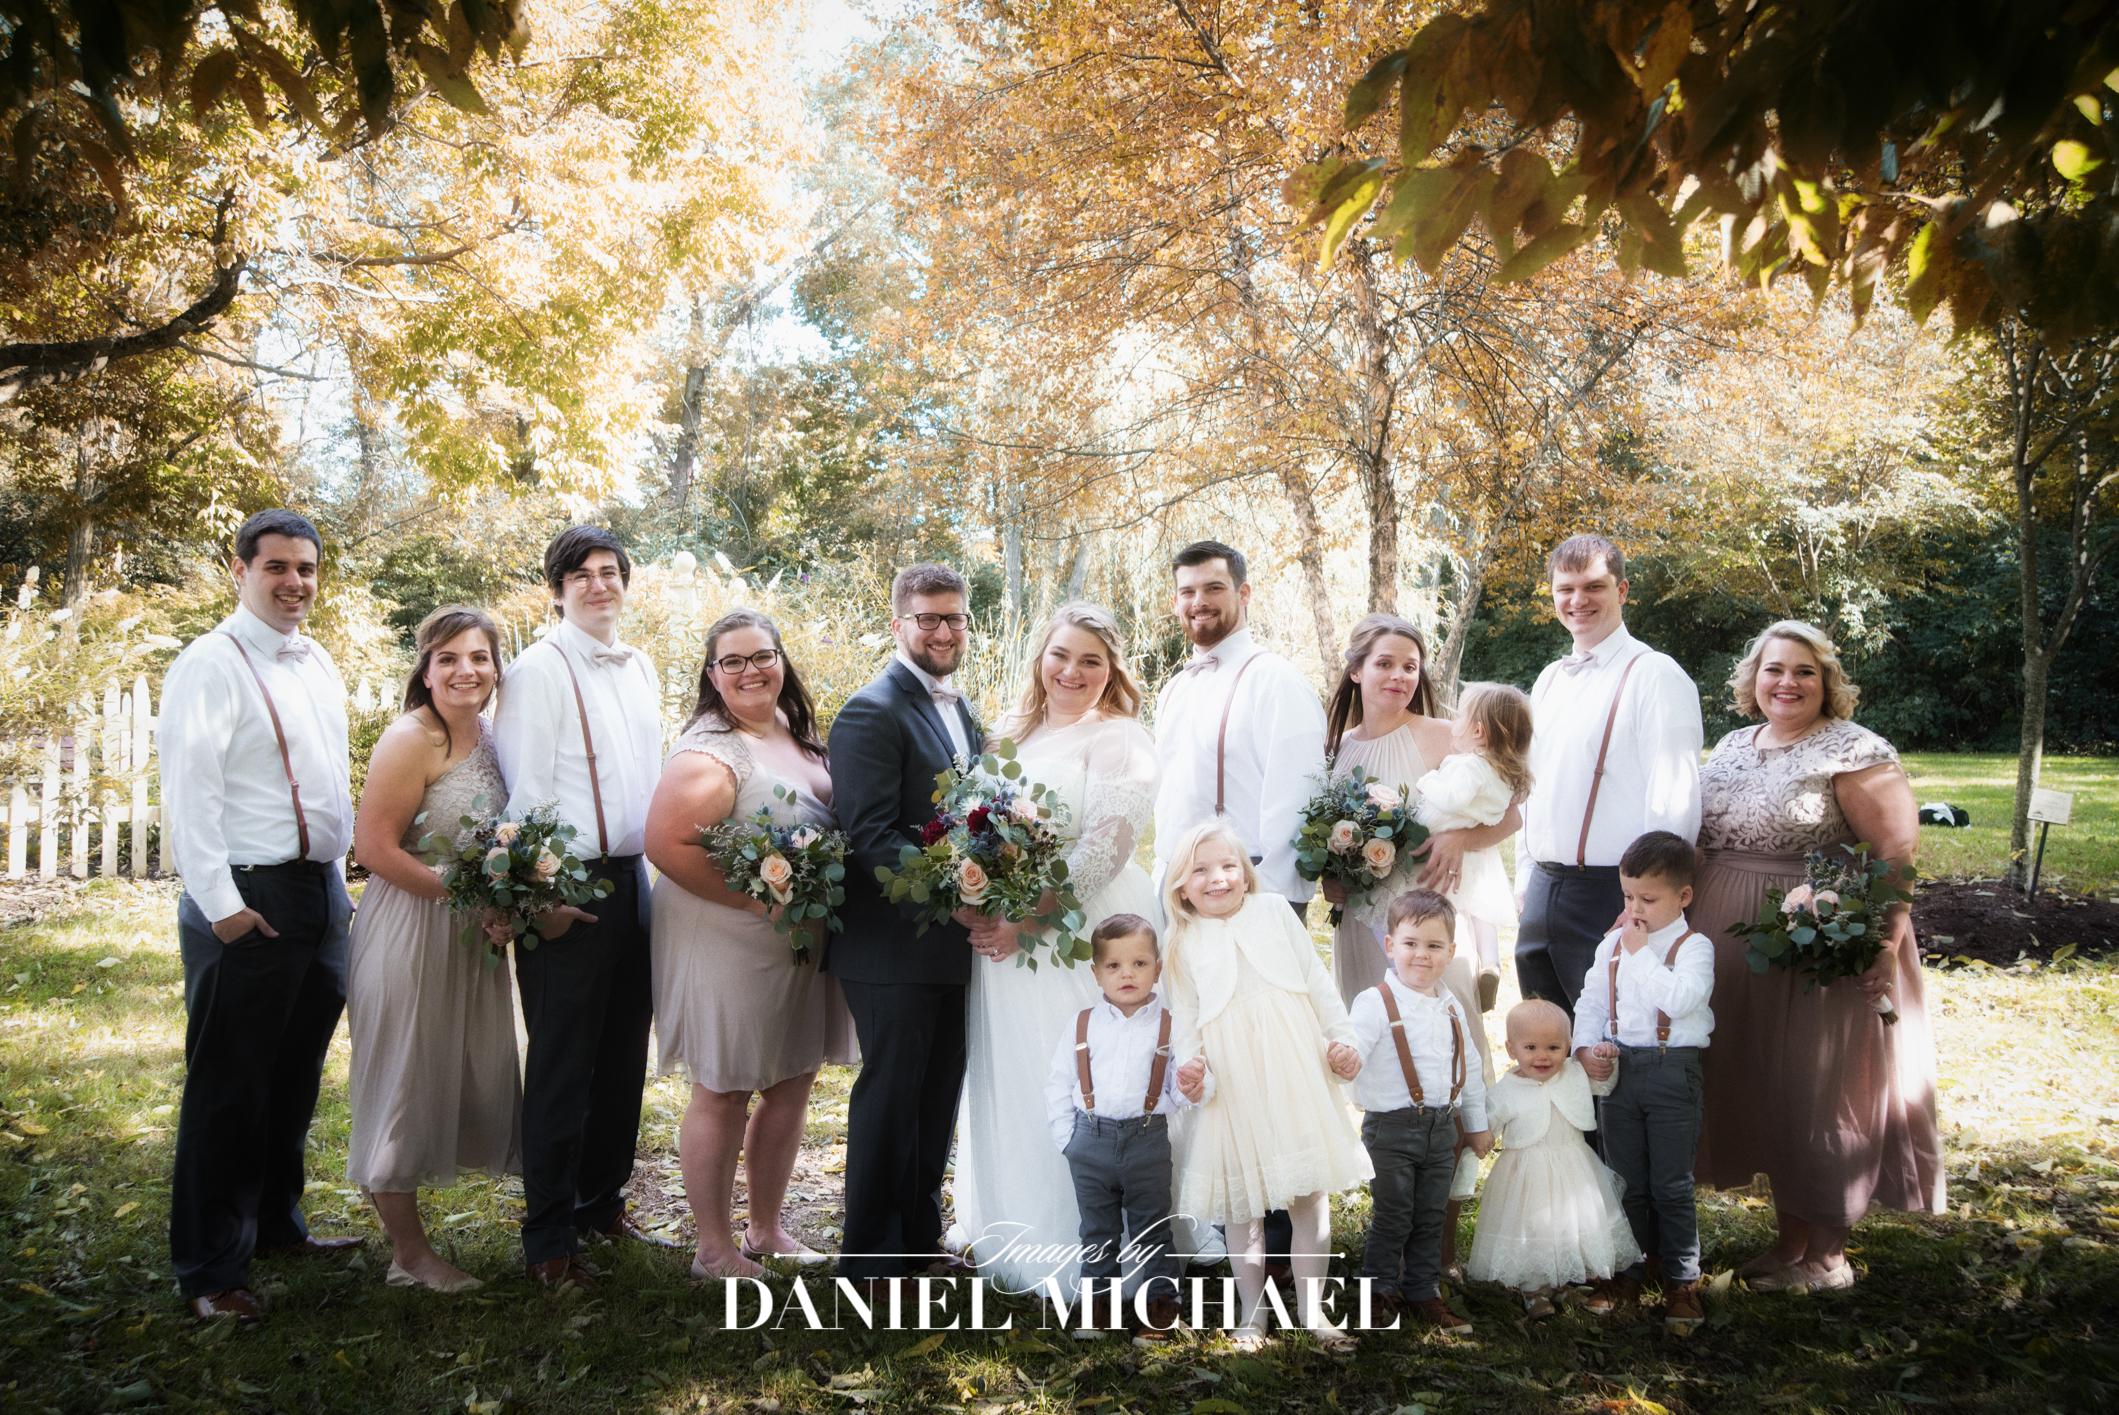 Benham Grove Venue Wedding Ceremony Reception Photographer